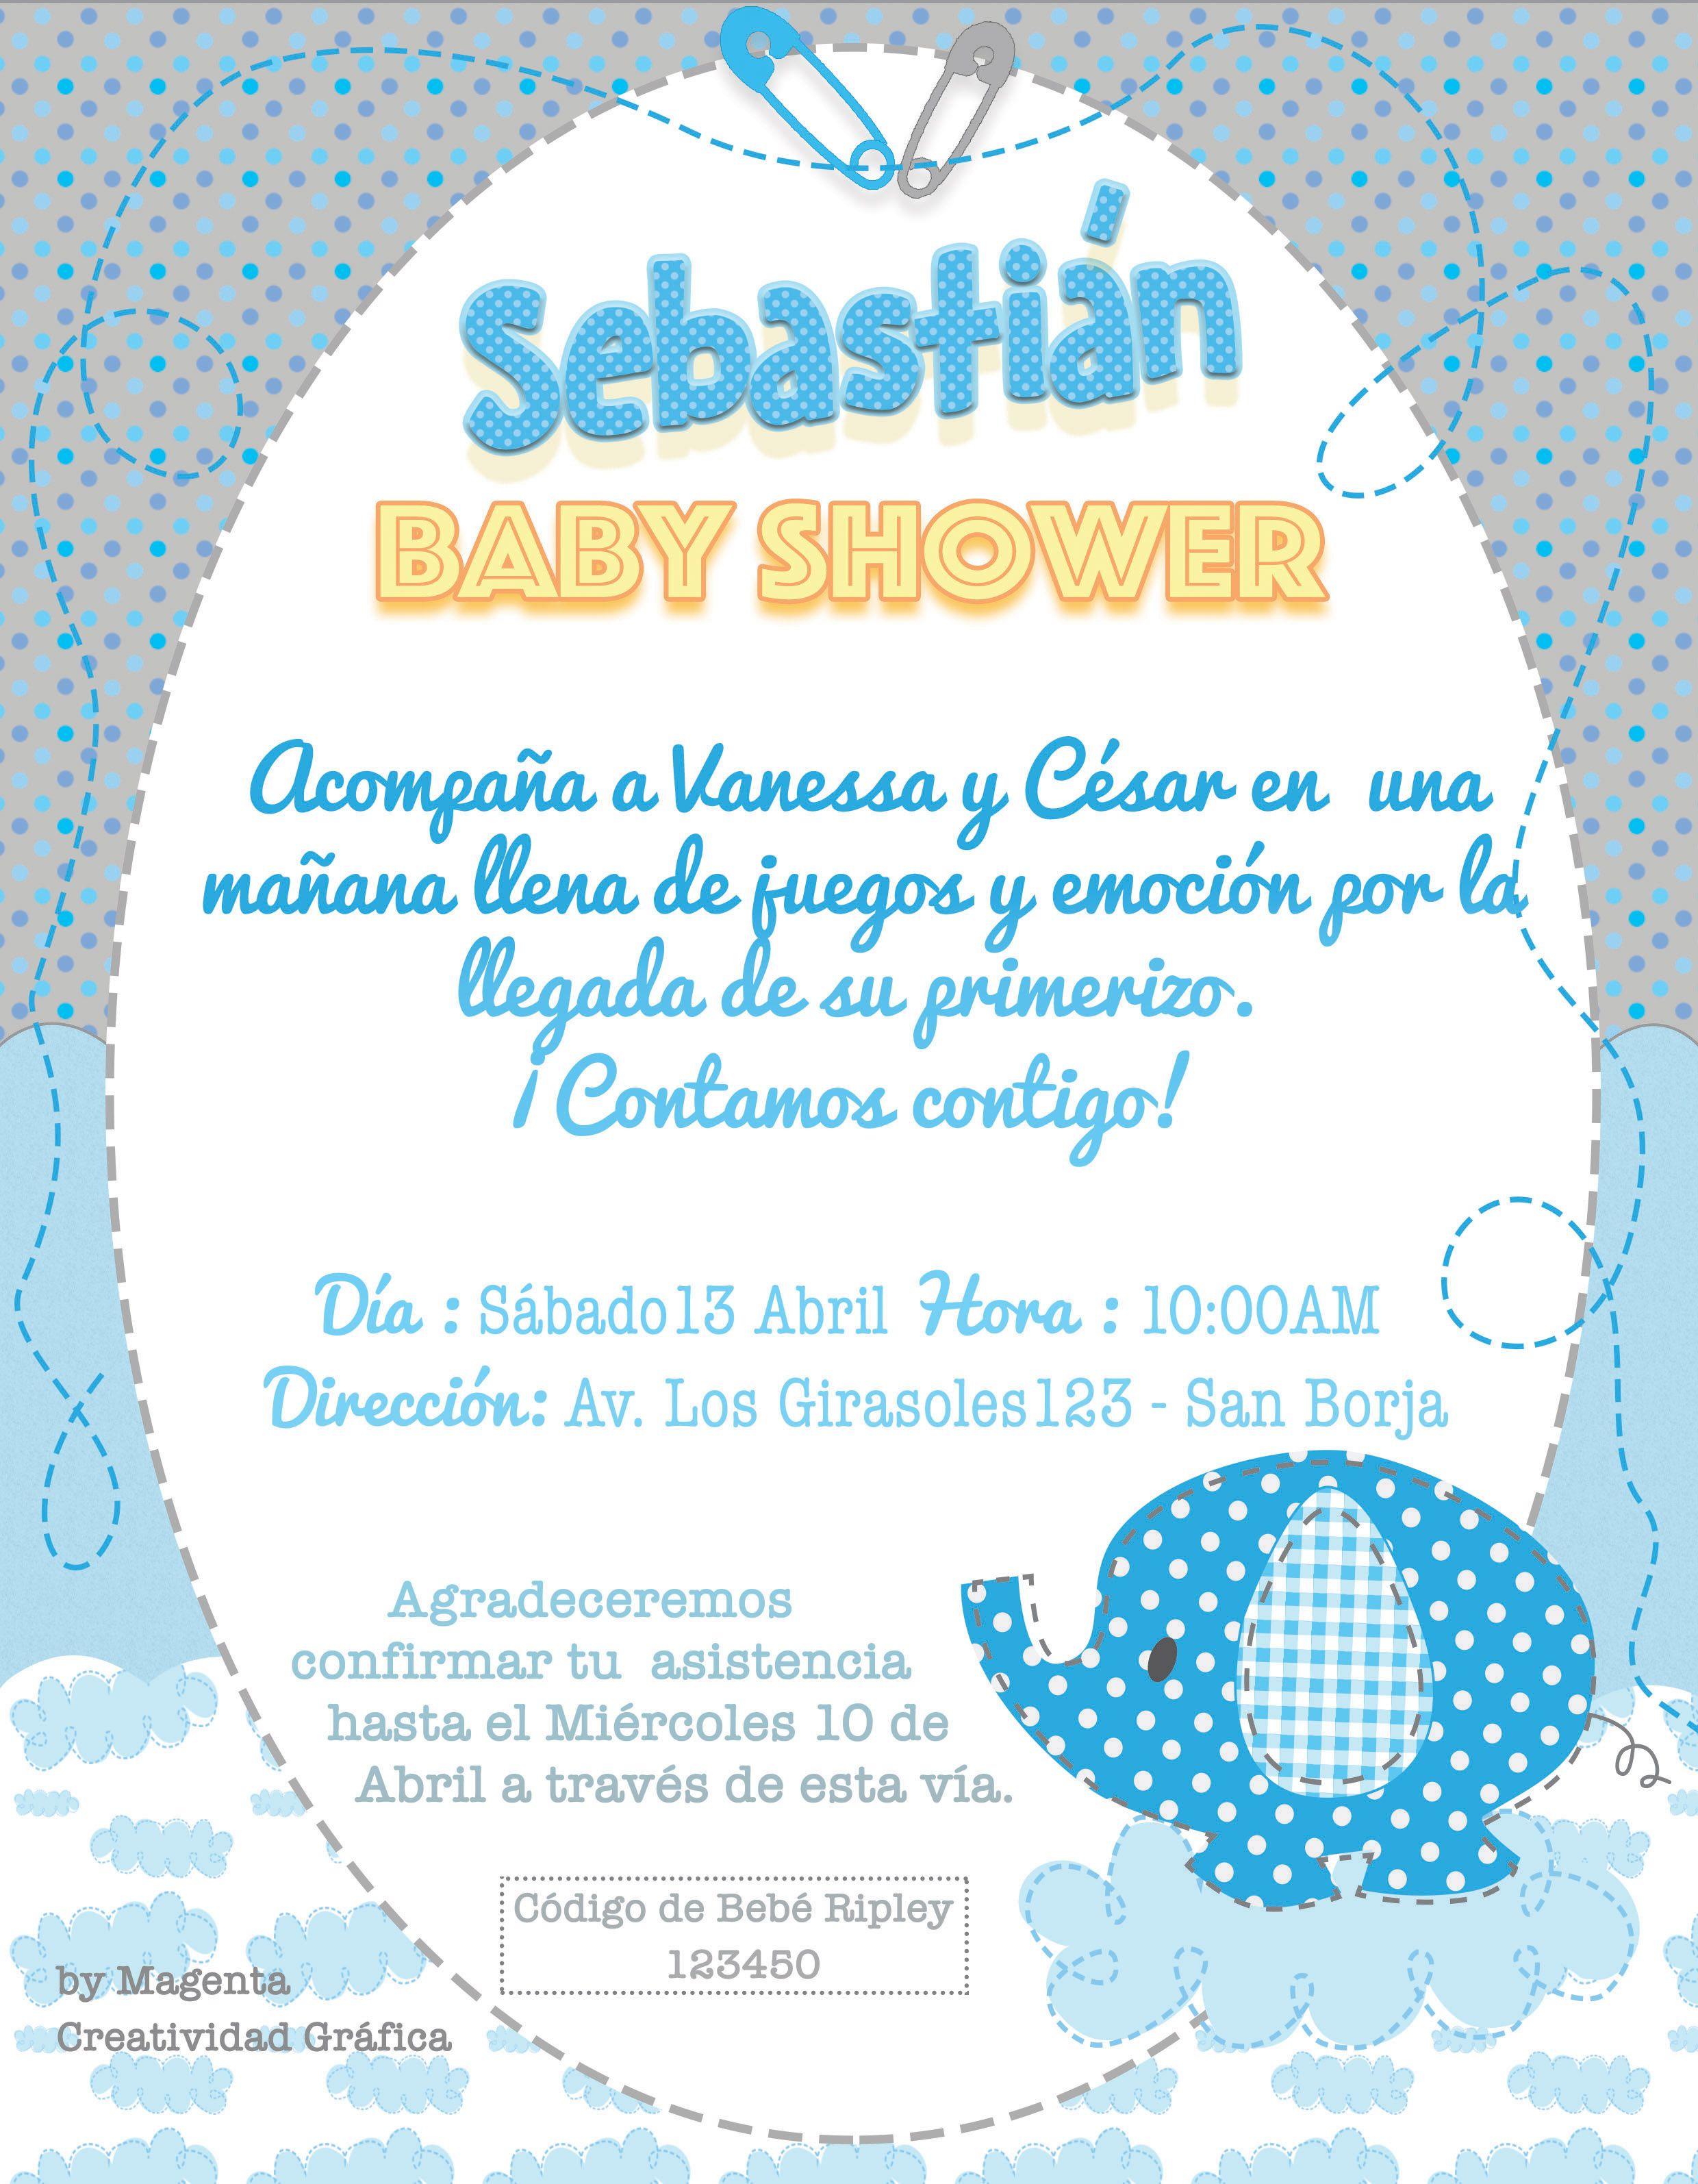 Lista De Baby Shower Nino.7 Invitaciones Baby Shower Nino